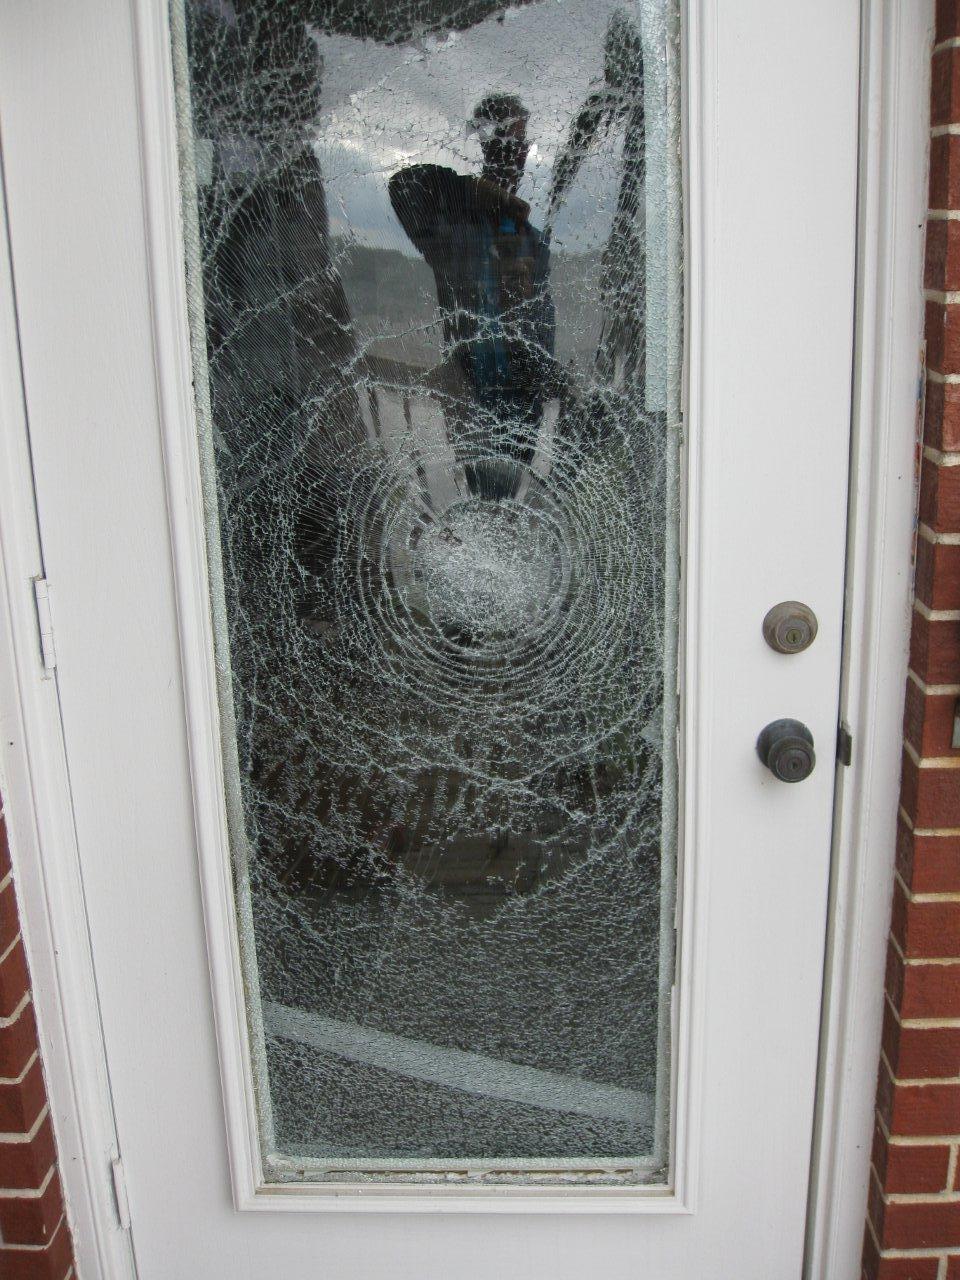 Glass Door Security Film.Armor Glass Blog Burglar Meets Armor Glass Security Film